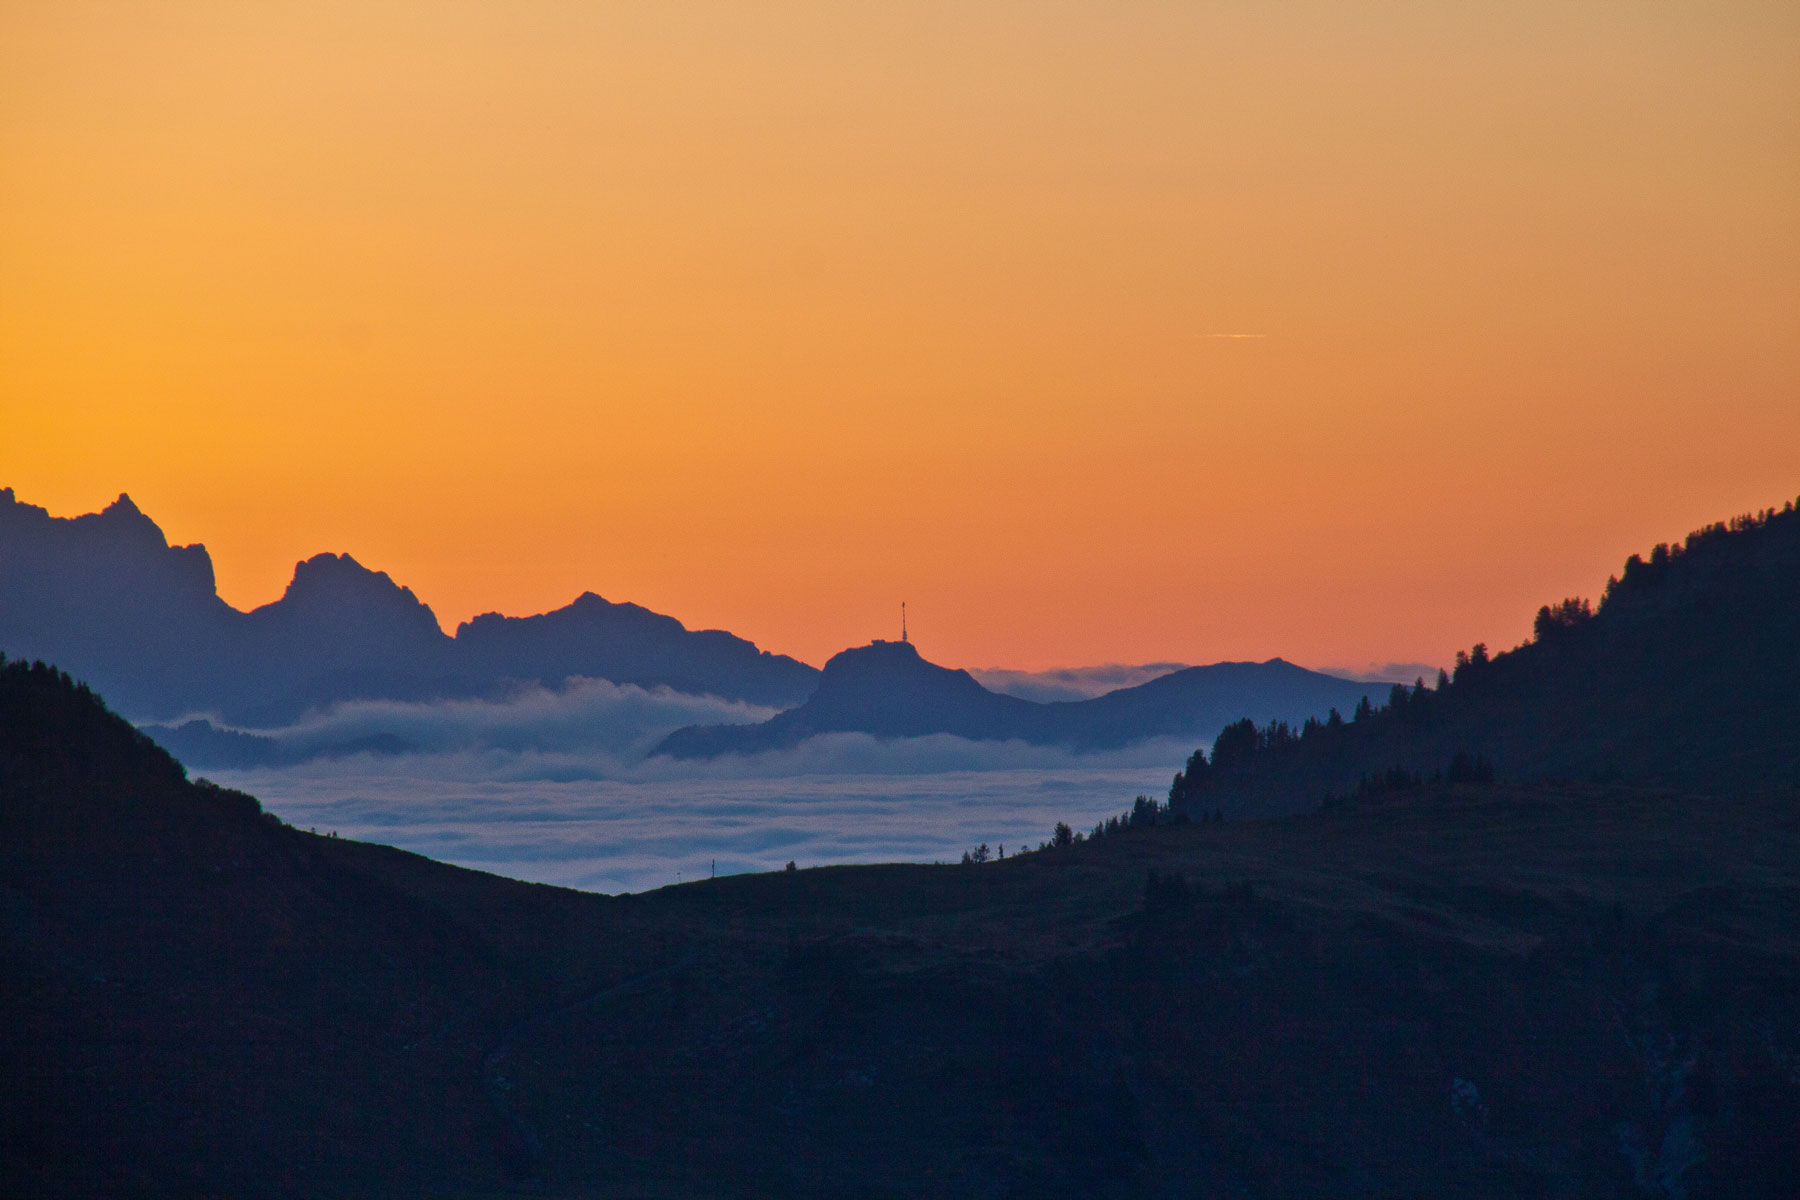 Sonnenuntergang, Blick über Gapfohl zum aus dem Nebelmeer ragenden  Hoher Kasten